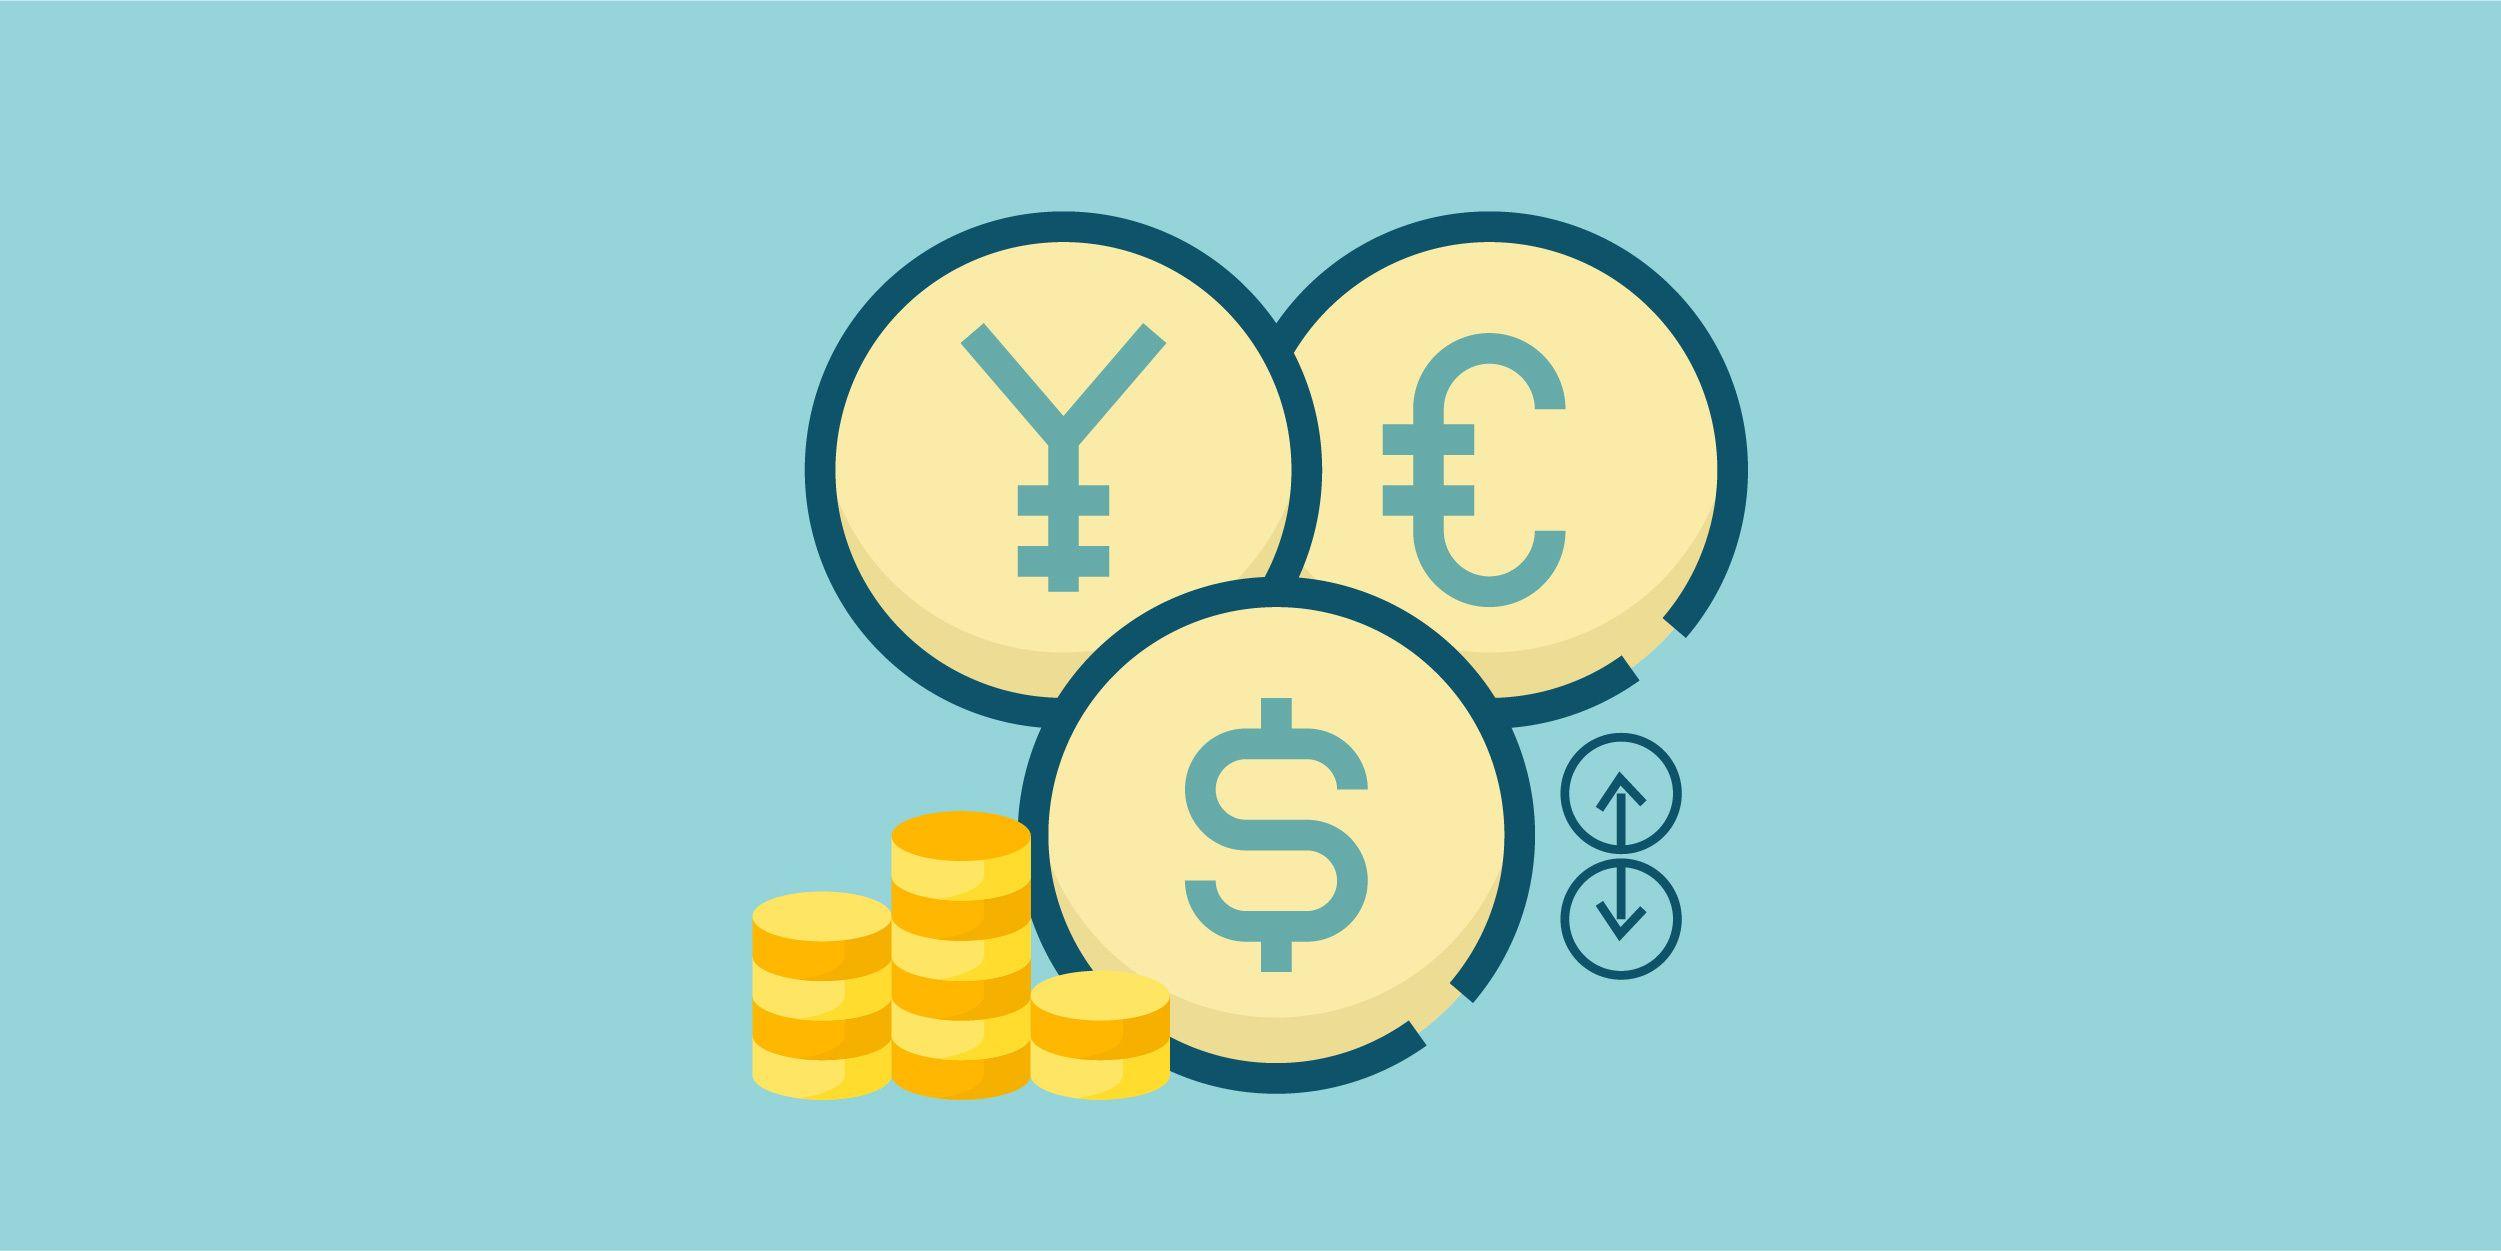 أسعار العملات اليوم الاثنين 24 مايو: انخفاض اليورو والاسترليني